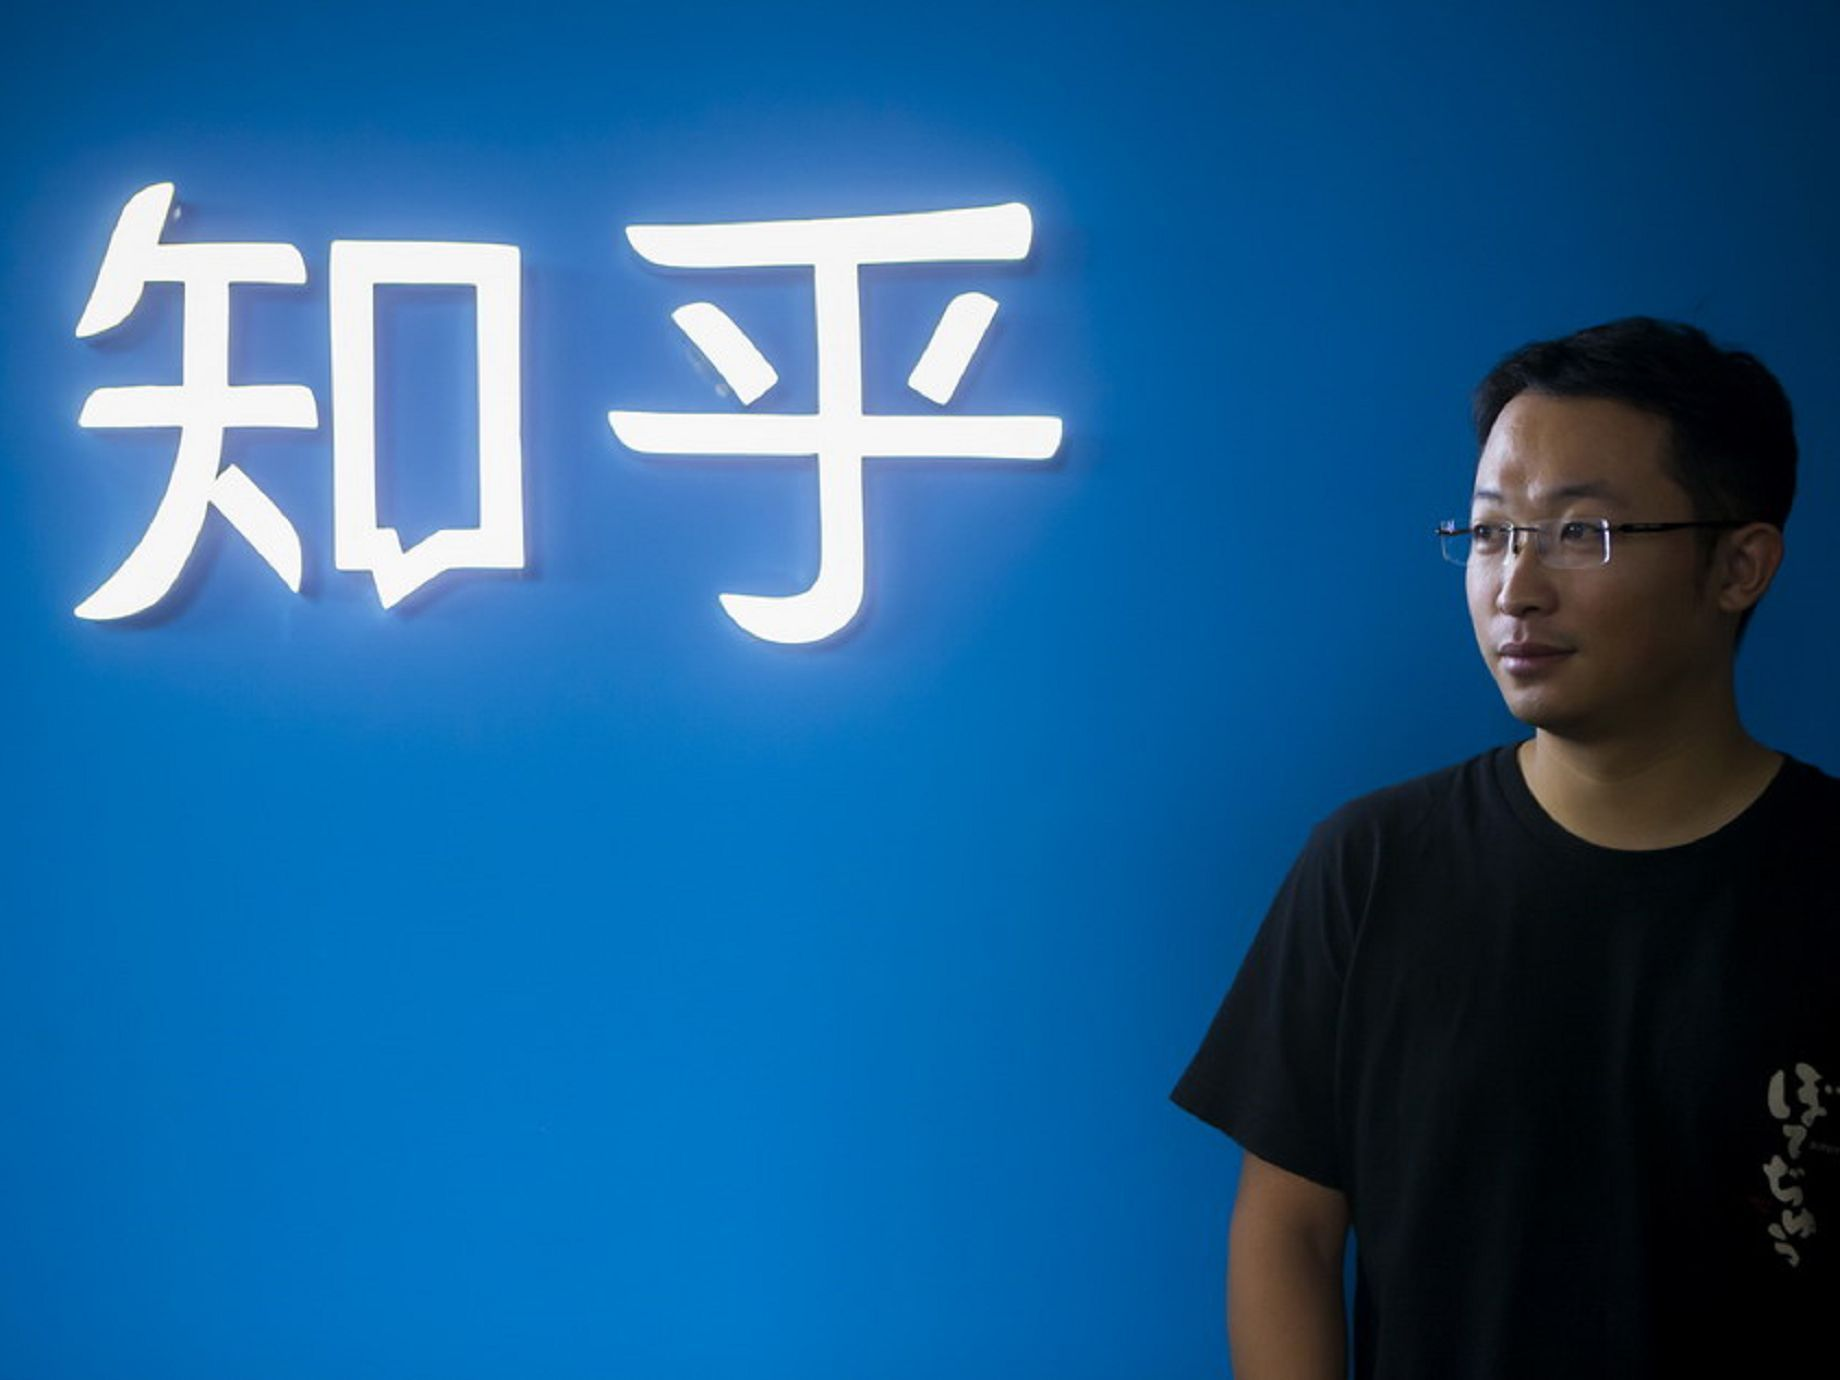 知識變現的一年,中國知識分享社群「知乎」募資 ,估值逾十億美元晉升獨角獸